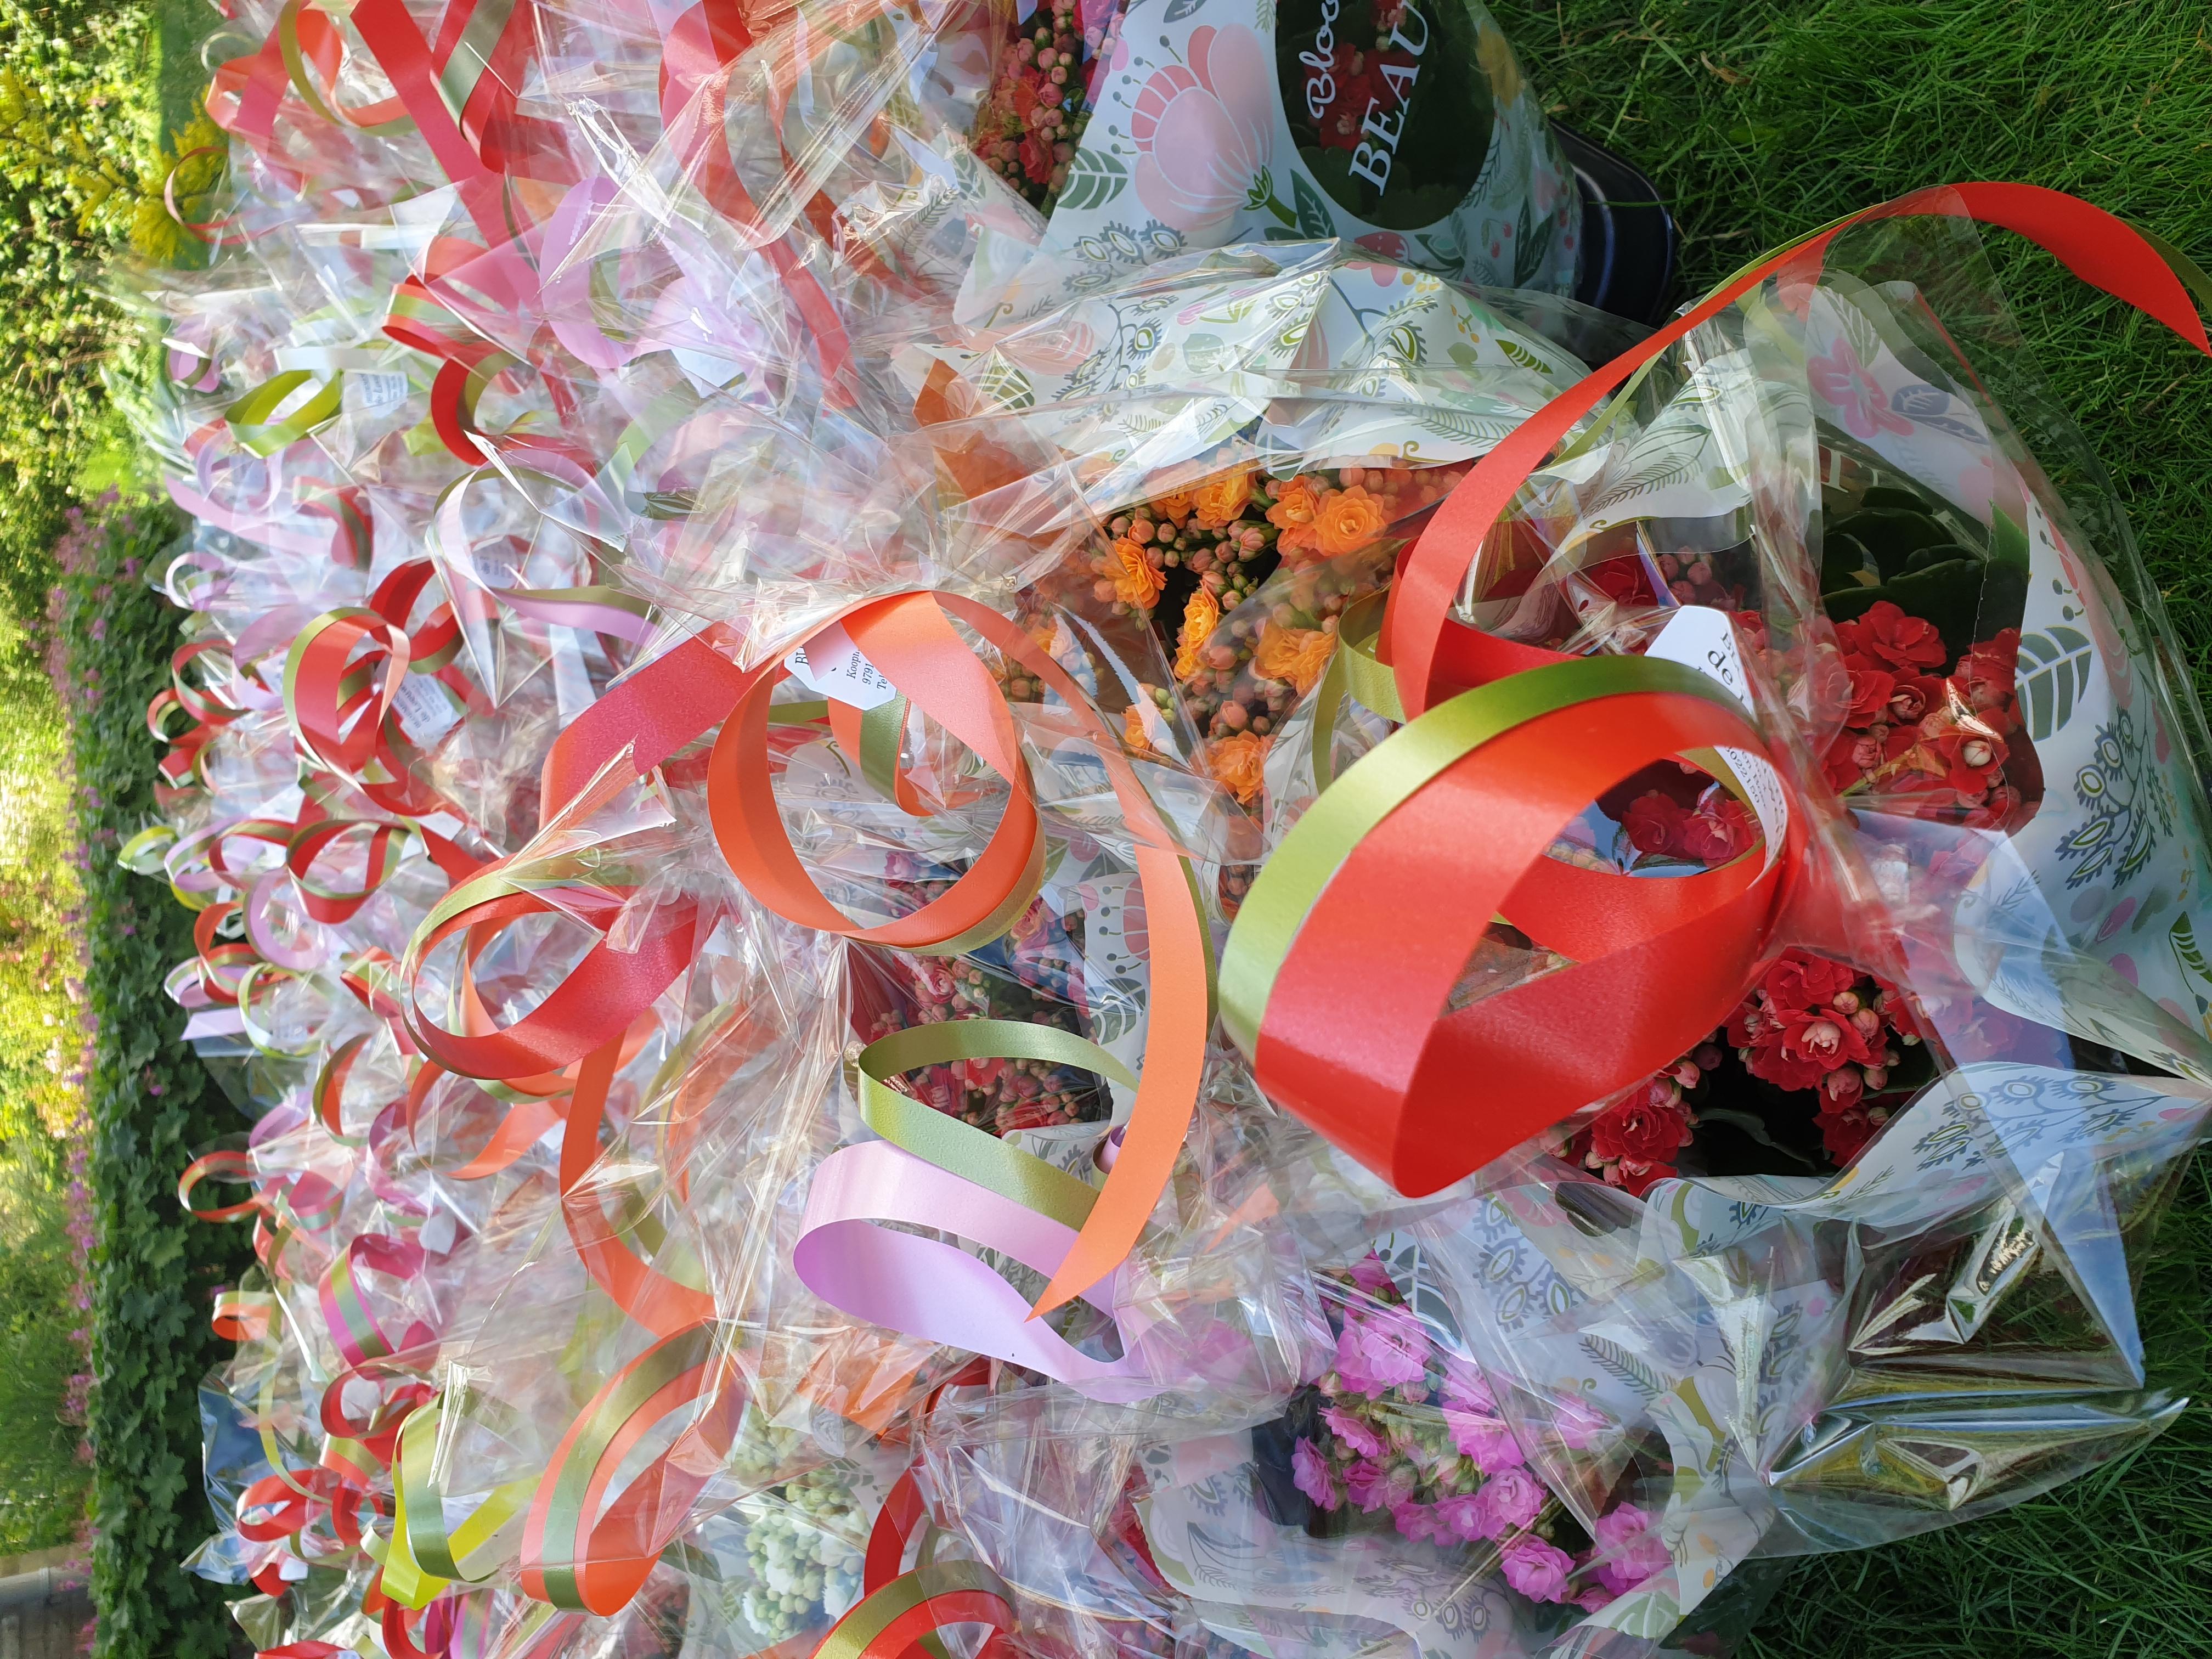 Dorpscoöperatie Ten Boer zet hun leden in de bloemen.